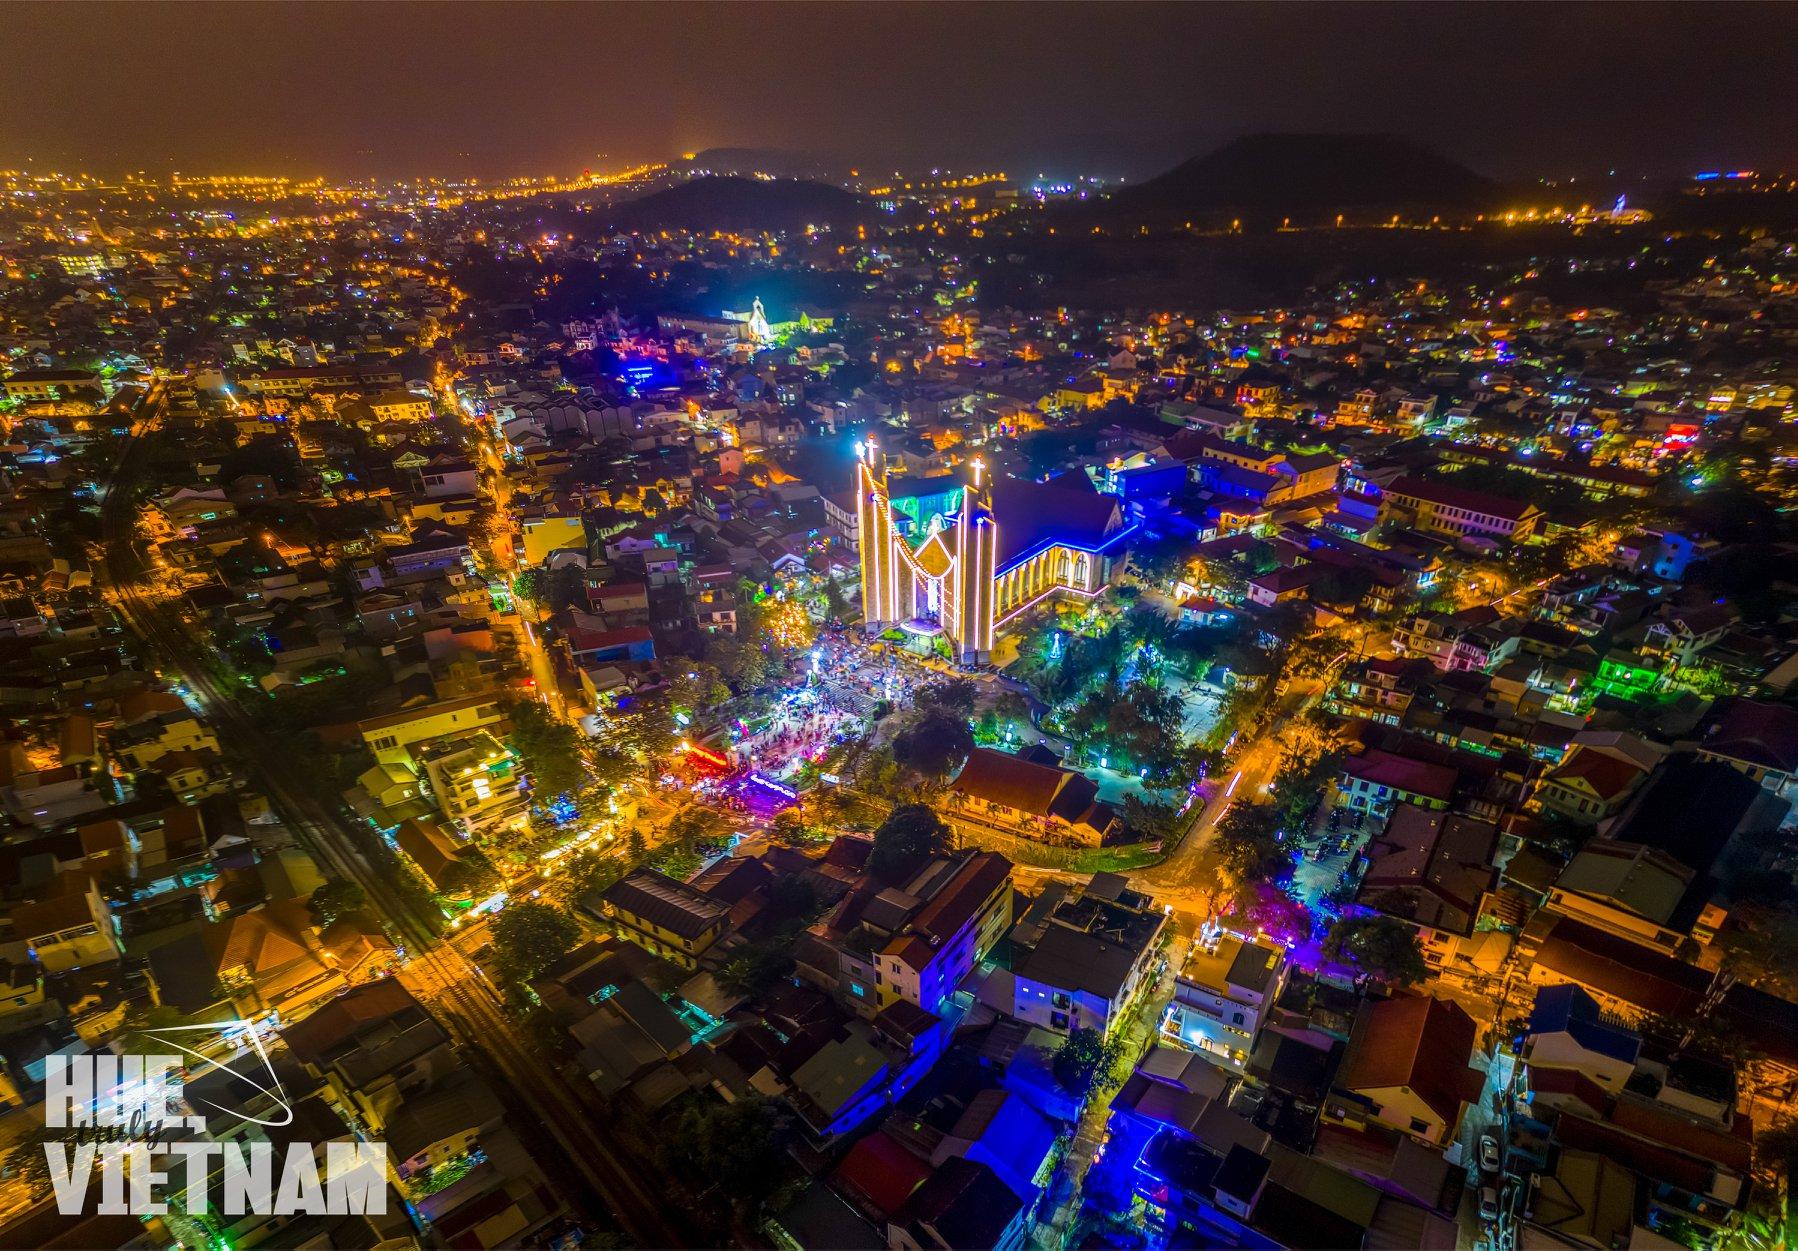 Nhà thờ Phủ Cam nổi bật trong mùa Giáng Sinh. Hình: Hue, truly Vietnam